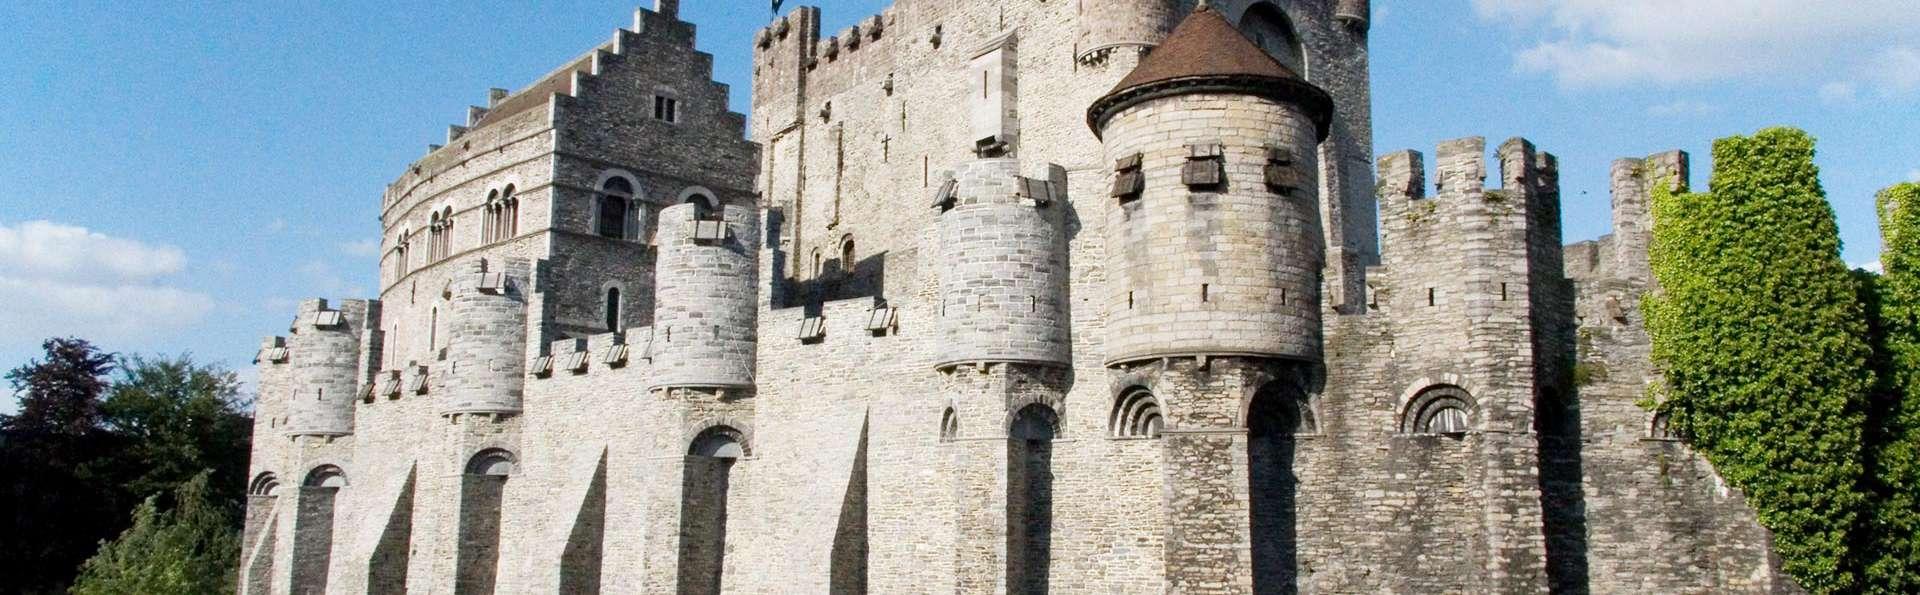 Descubre Gante paseando en barco o visita el Castillo de los Condes de Flandes (desde 2 noches)